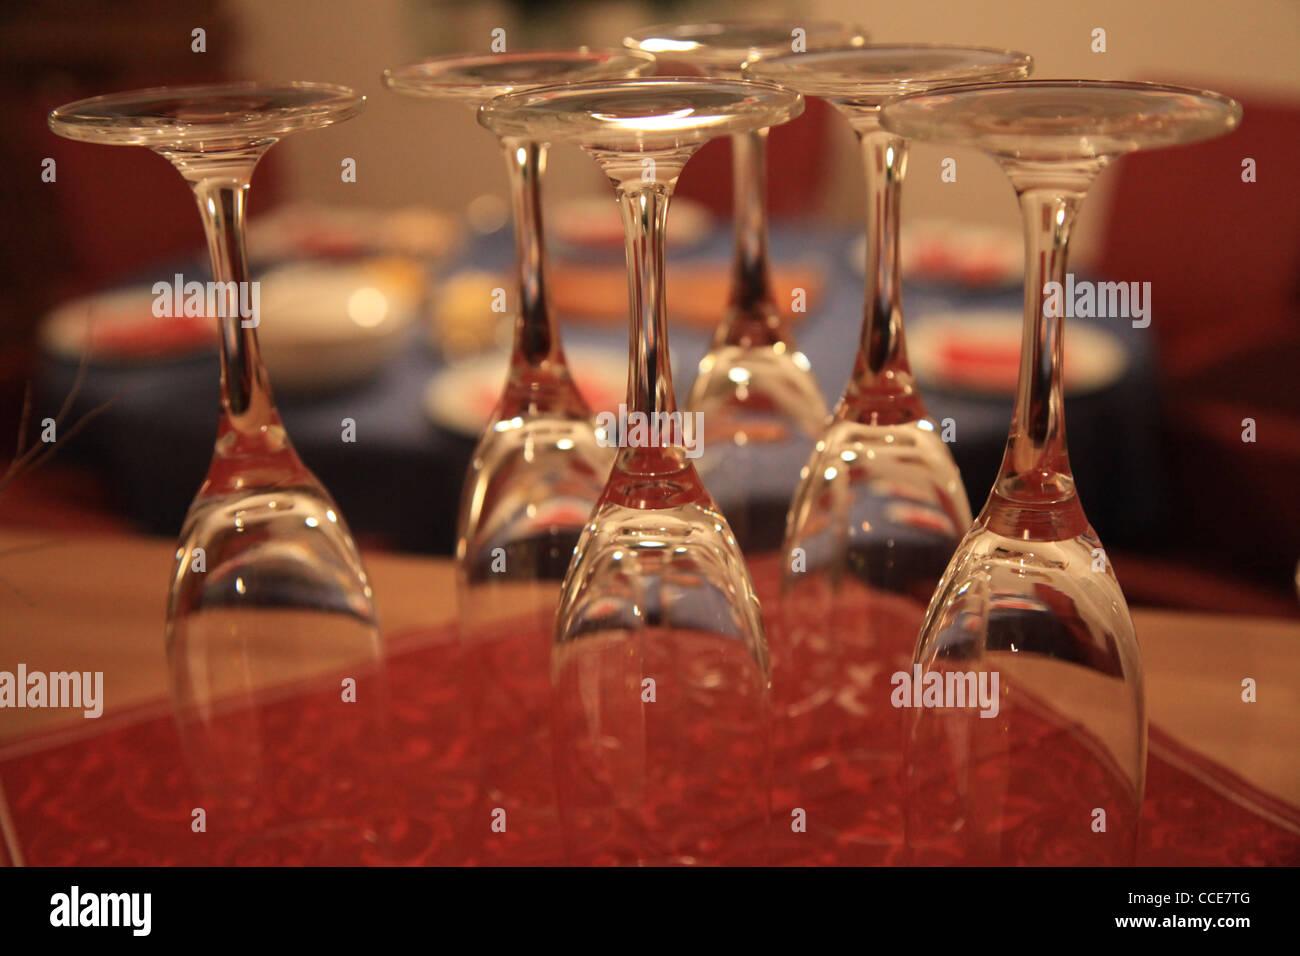 Sekt, Sektglas,Sektgläser, Champagner, Rot, rot, Stillleben, Stilleben, Glas, brillanti, strahlend, glänzend, Immagini Stock